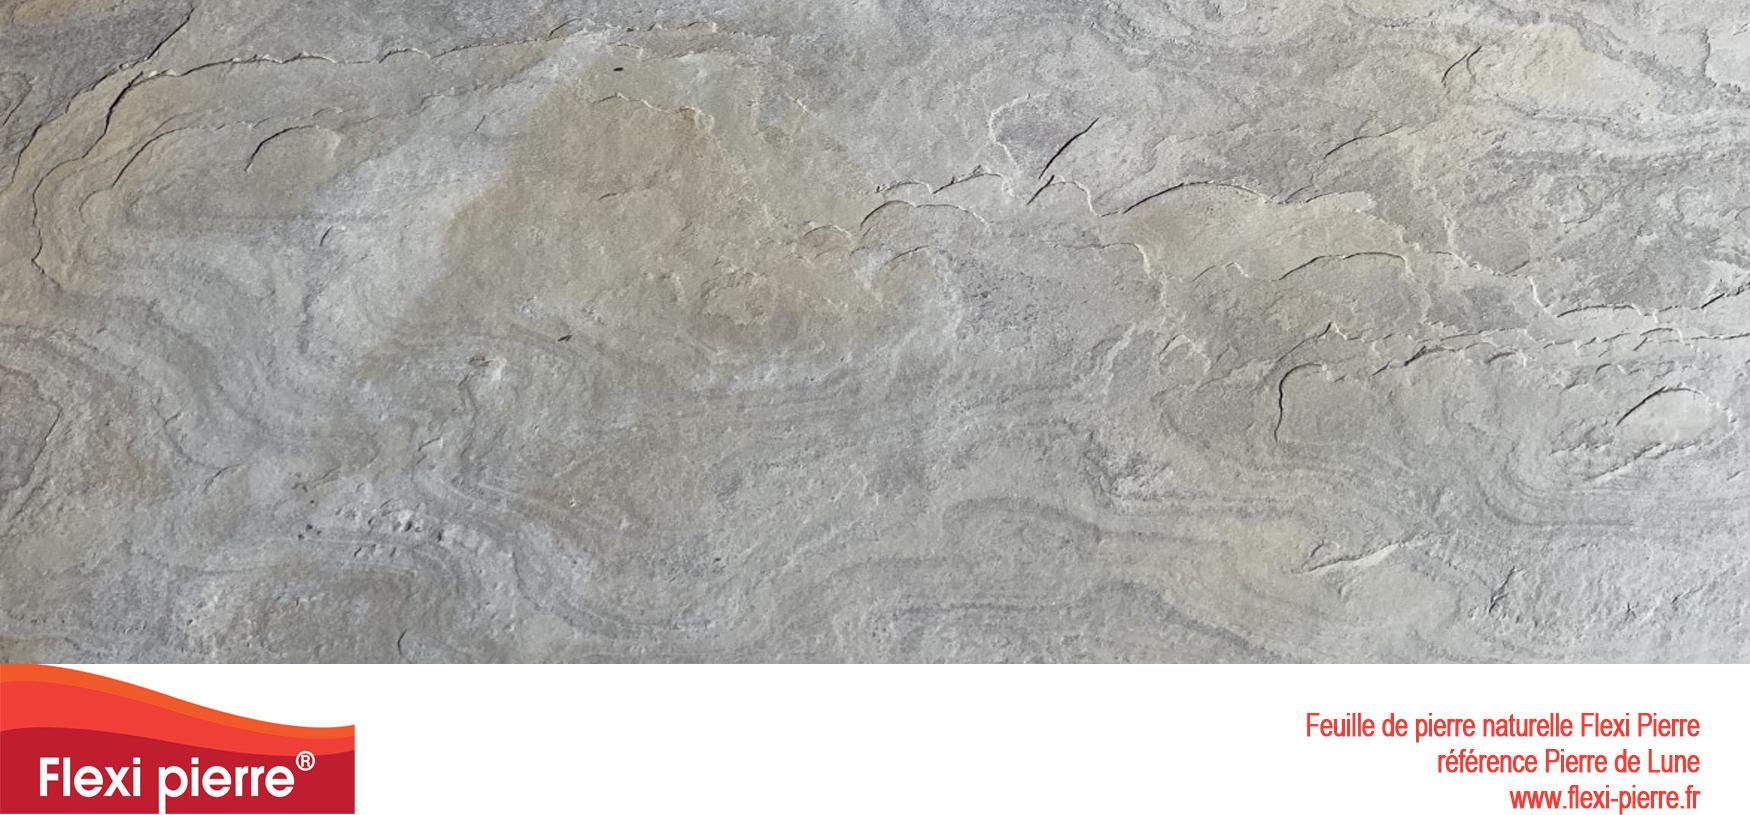 Feuille de pierre Pierre de Lune